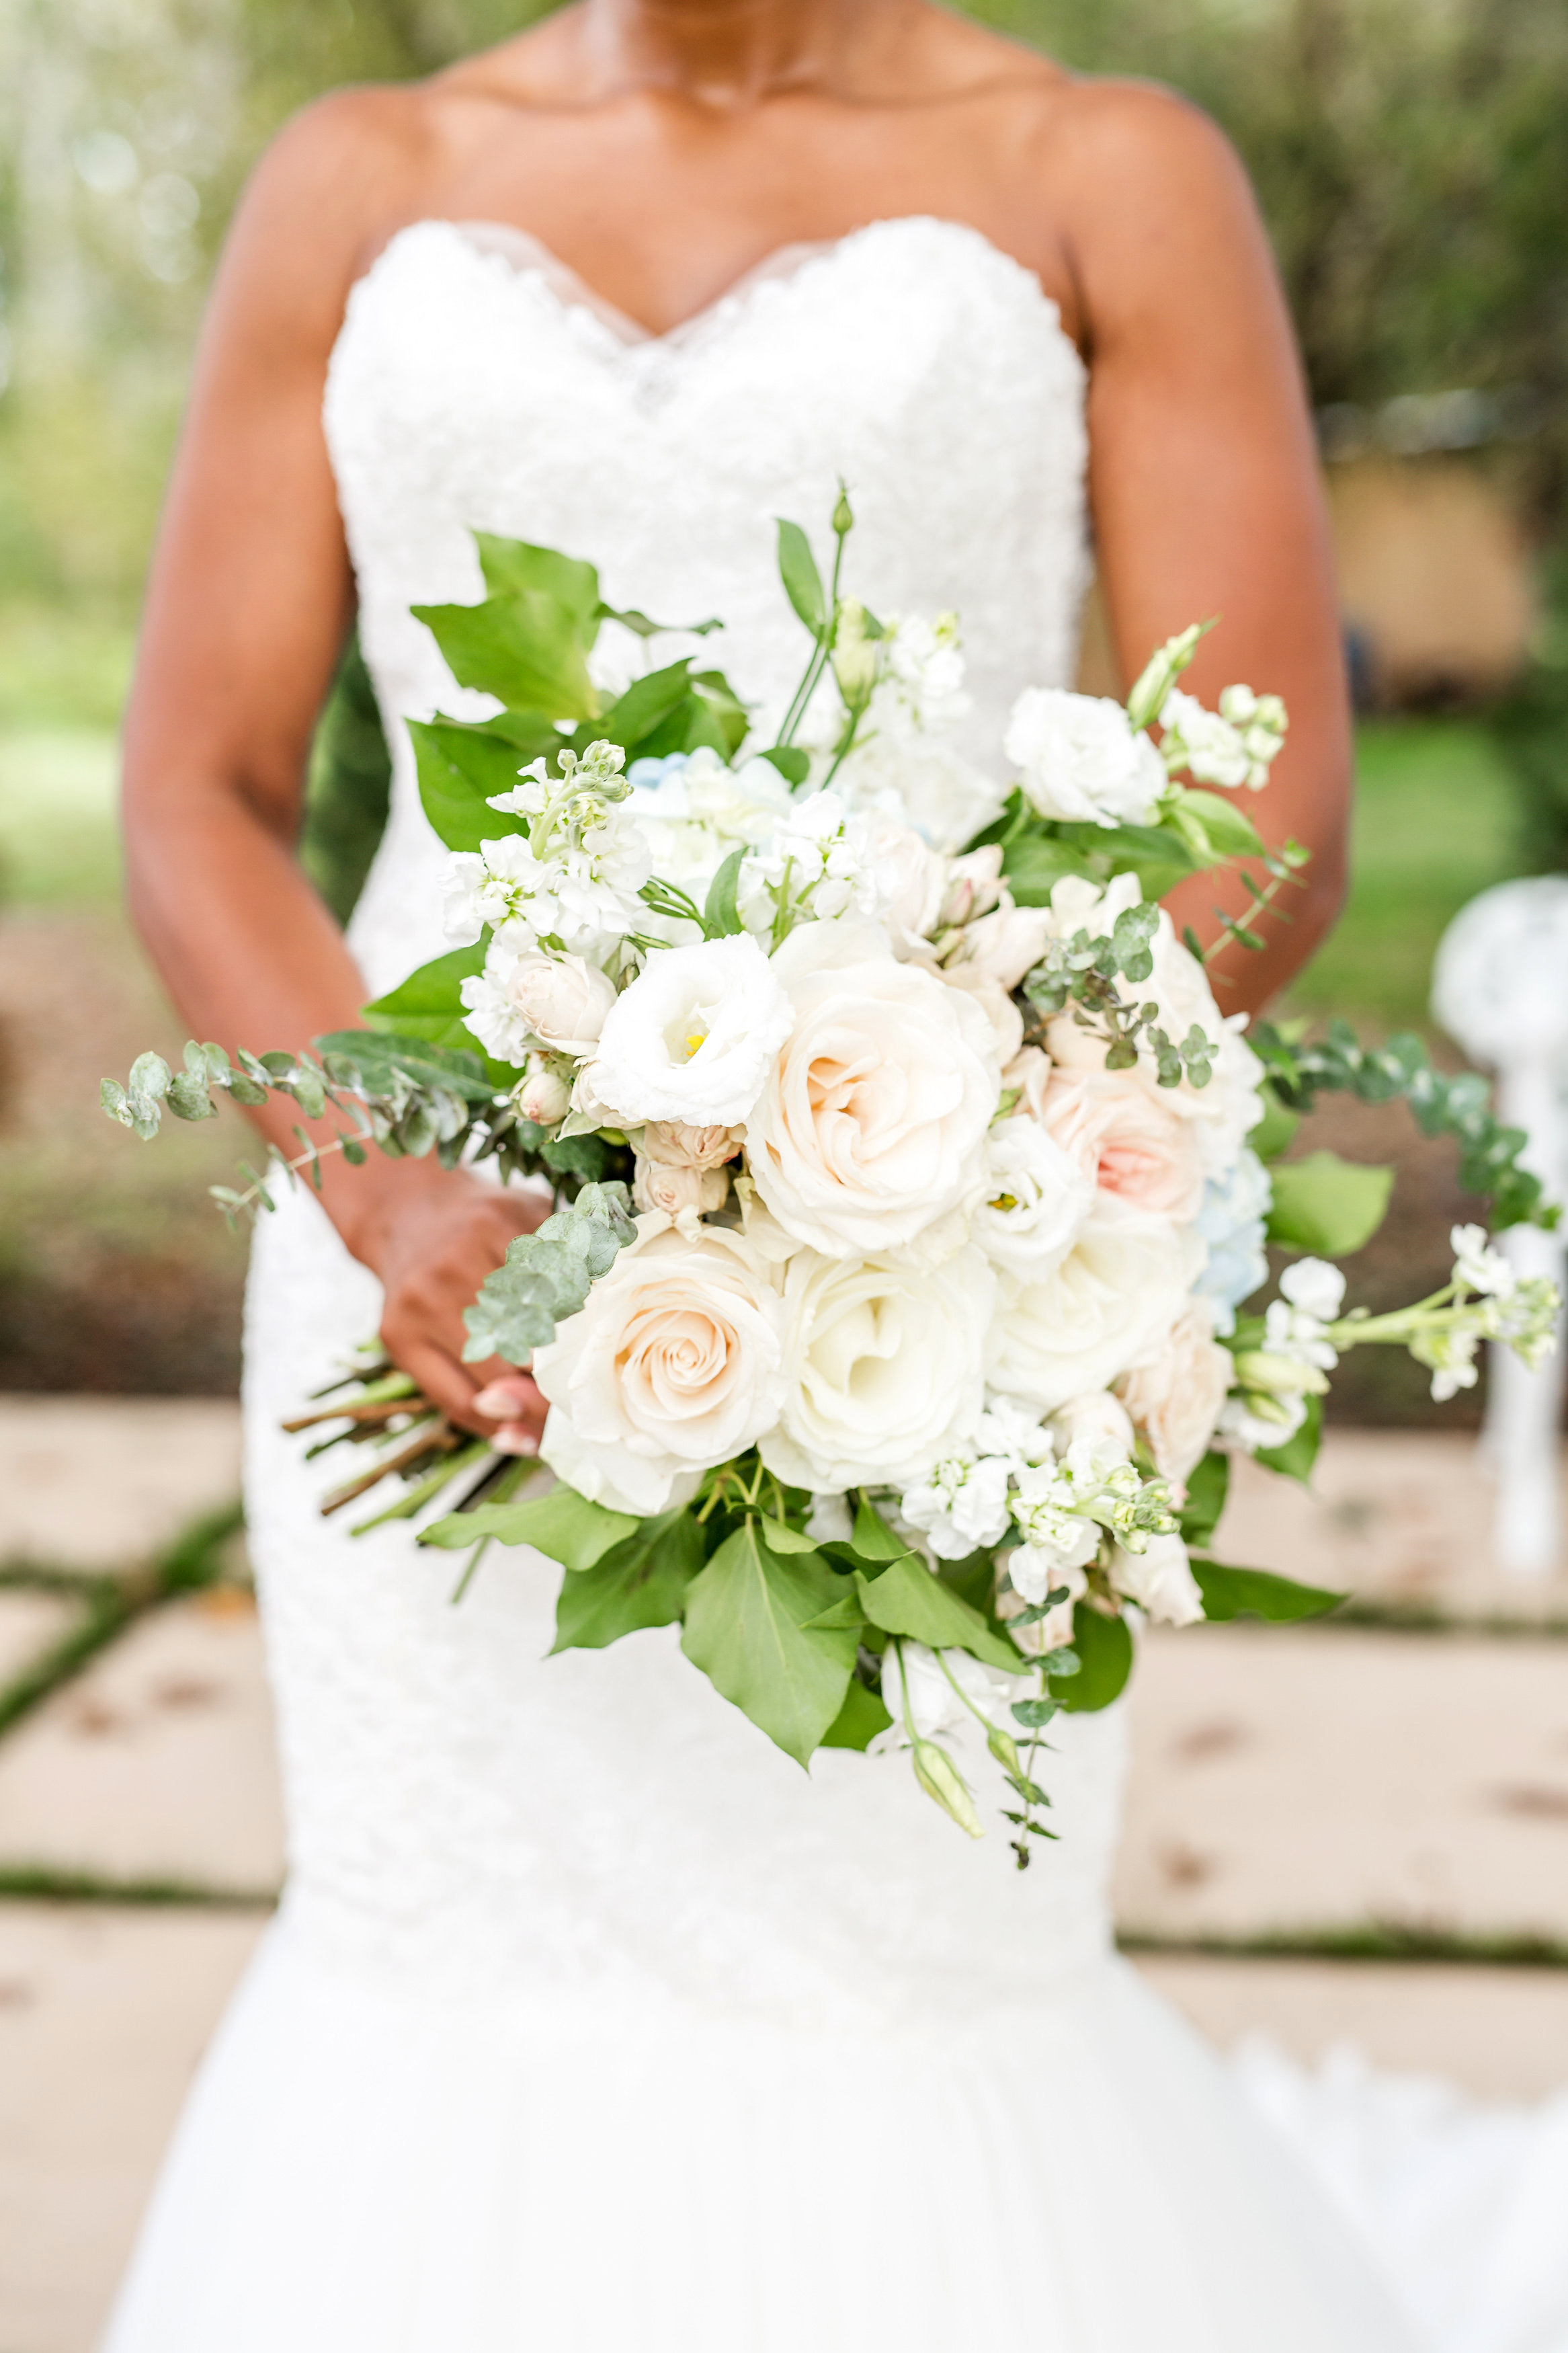 kenisha wendall wedding bride bouquet flowers white